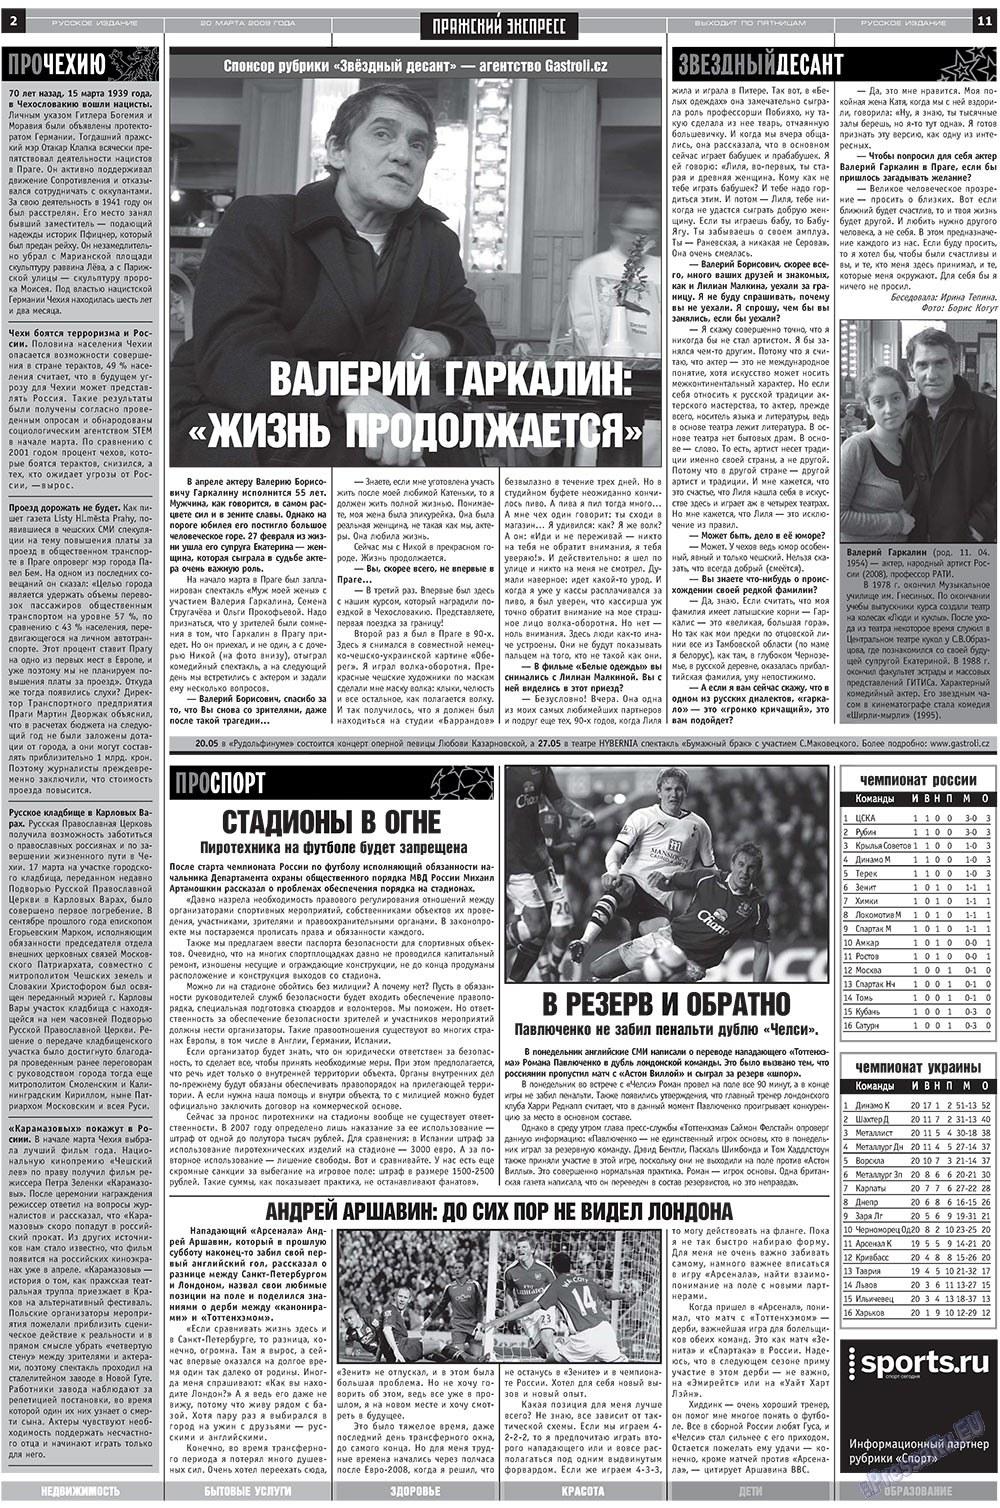 Пражский экспресс (газета). 2009 год, номер 11, стр. 2